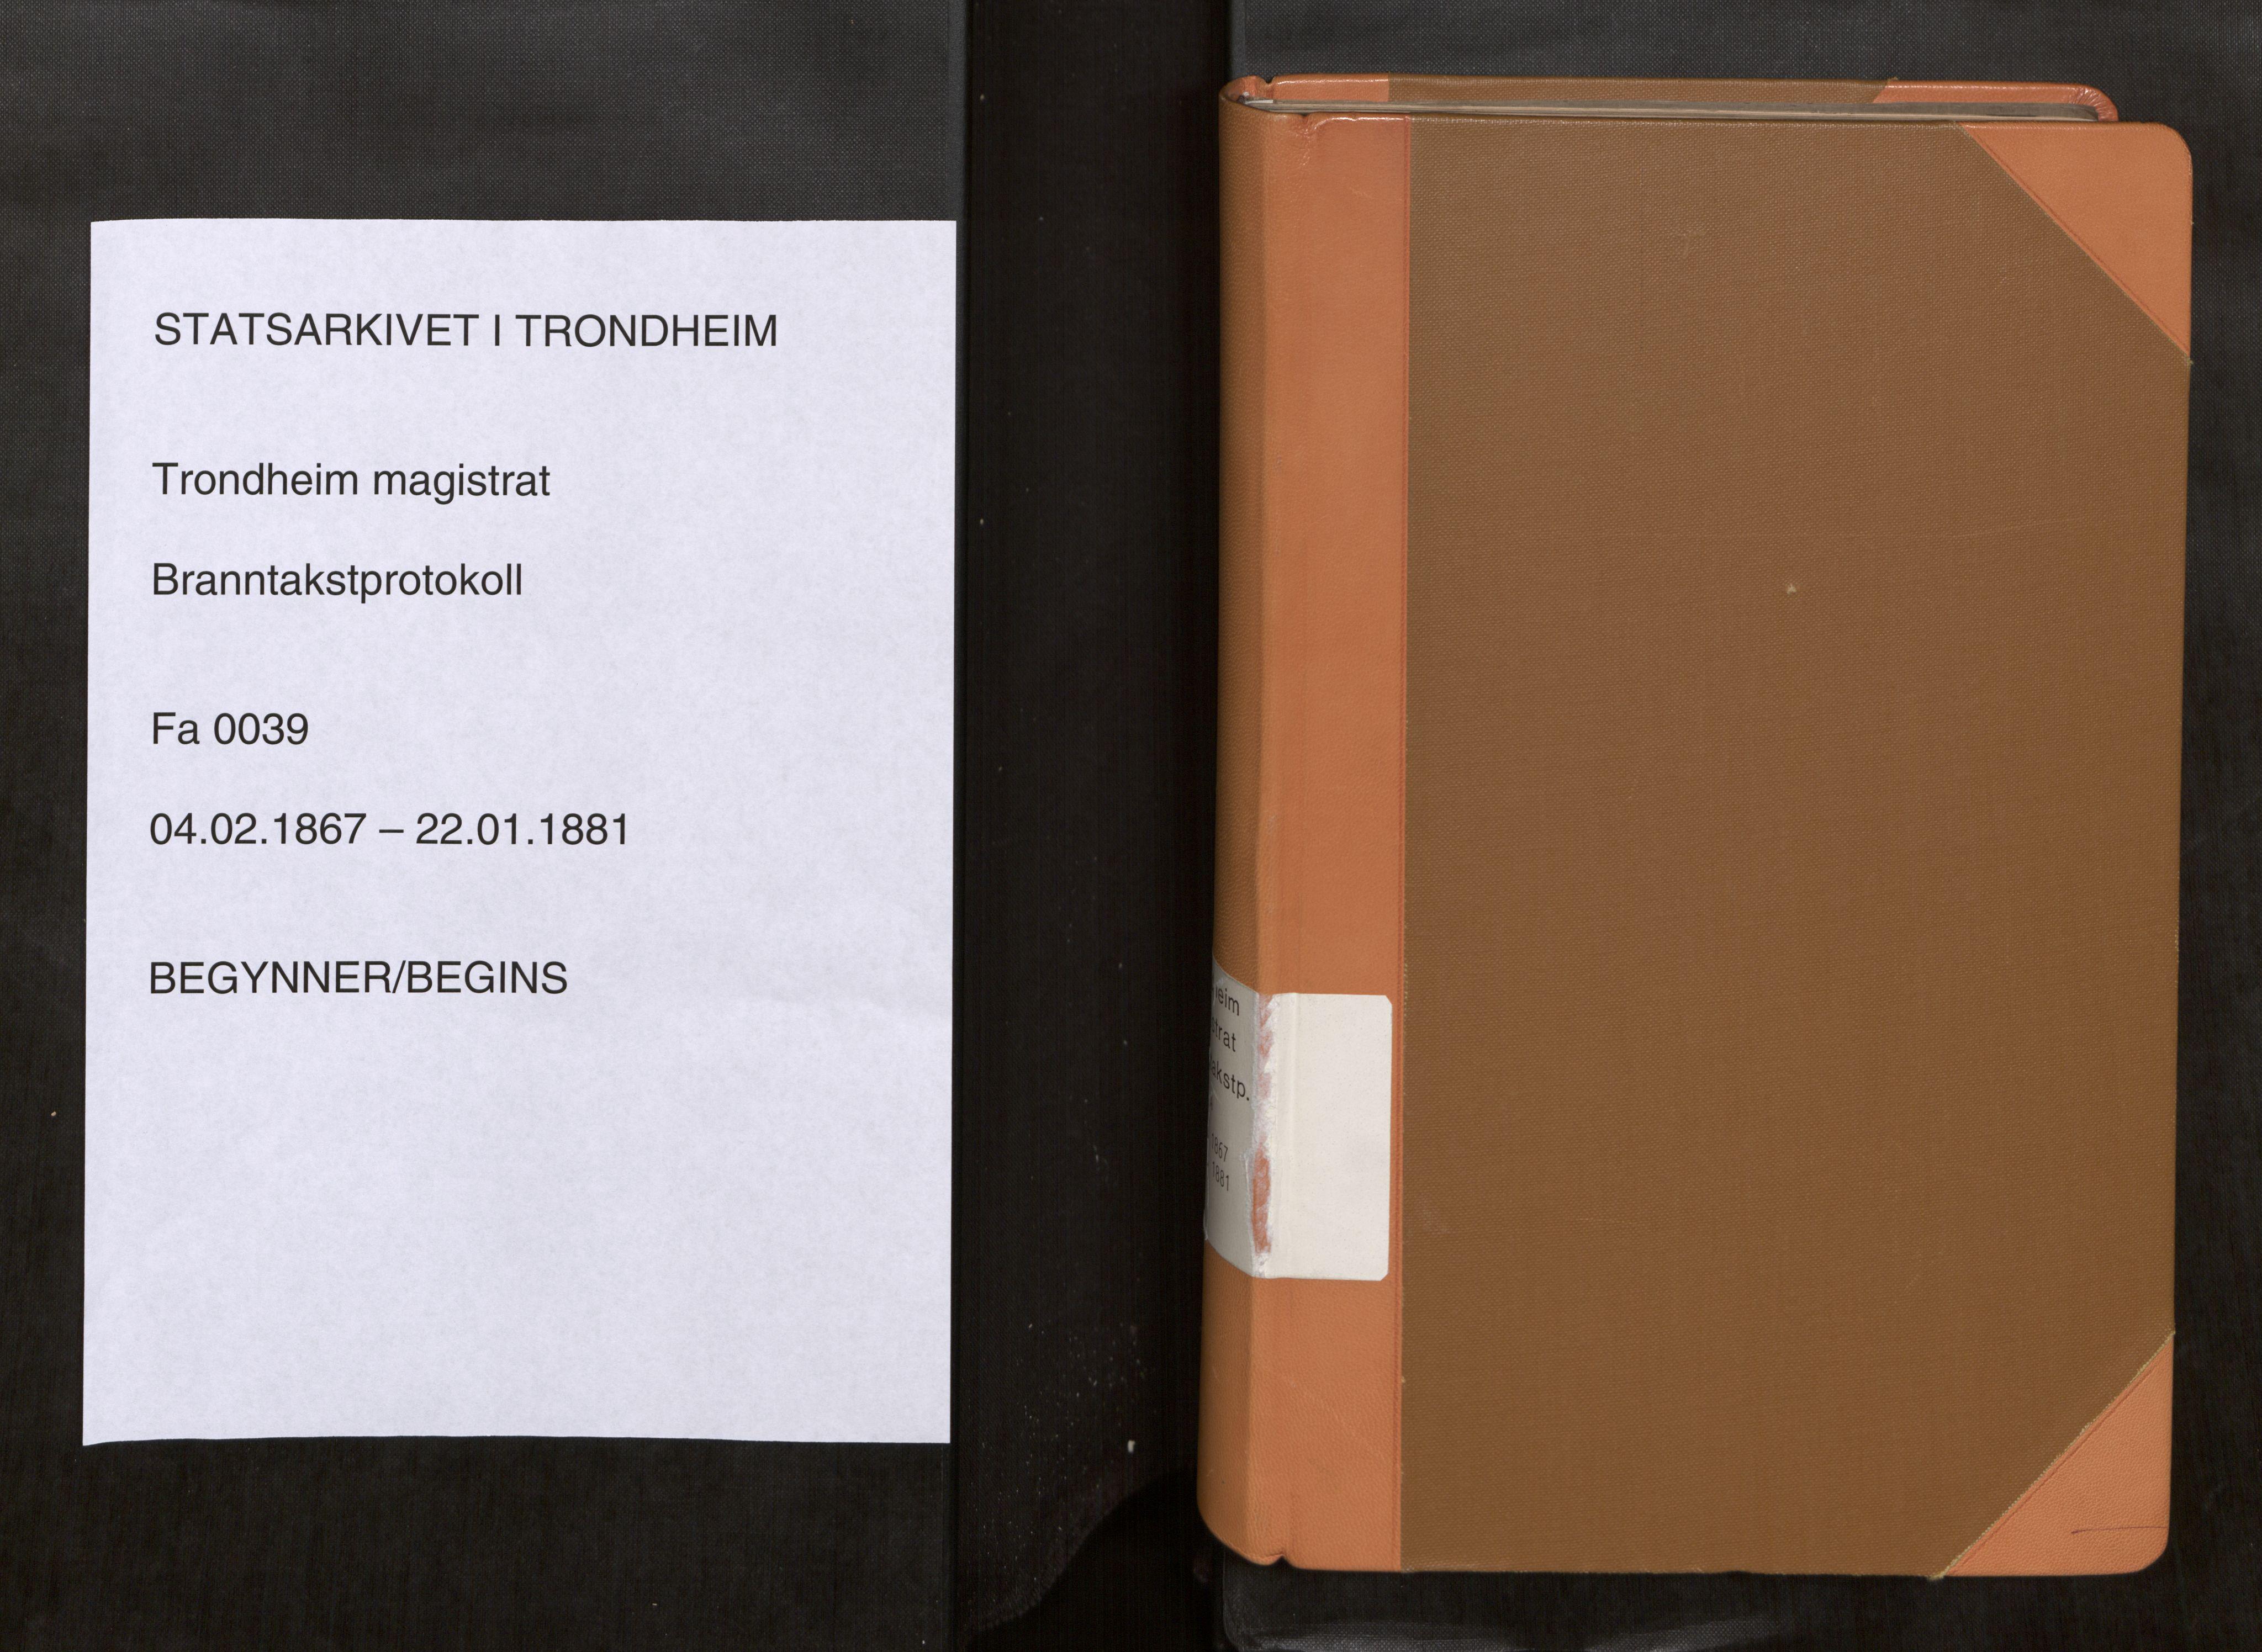 SAT, Norges Brannkasse Trondheim magistrat, Fa/L0039: Branntakstprotokoll A, 1867-1881